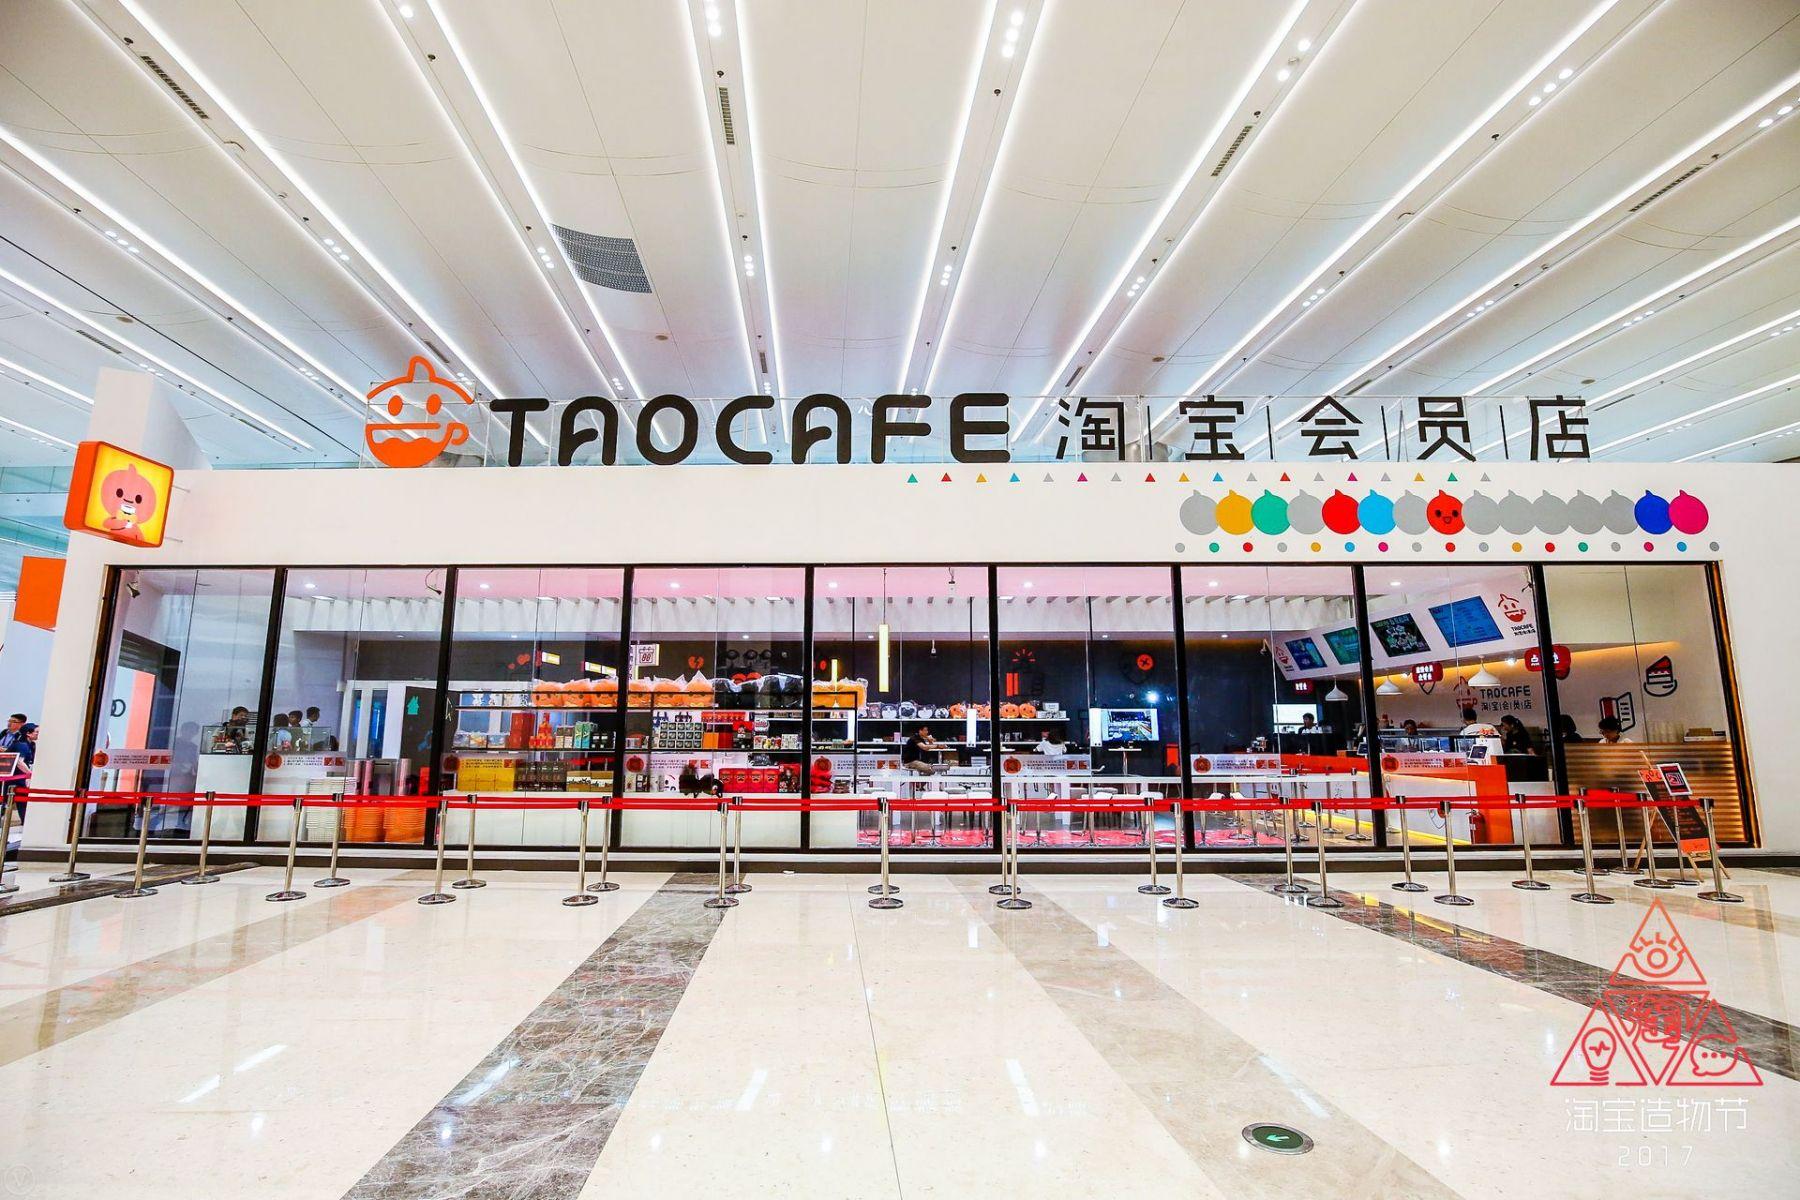 「無人」體驗熱!從阿里巴巴的淘咖啡到7-11的X-Store,他們看中什麼商機?